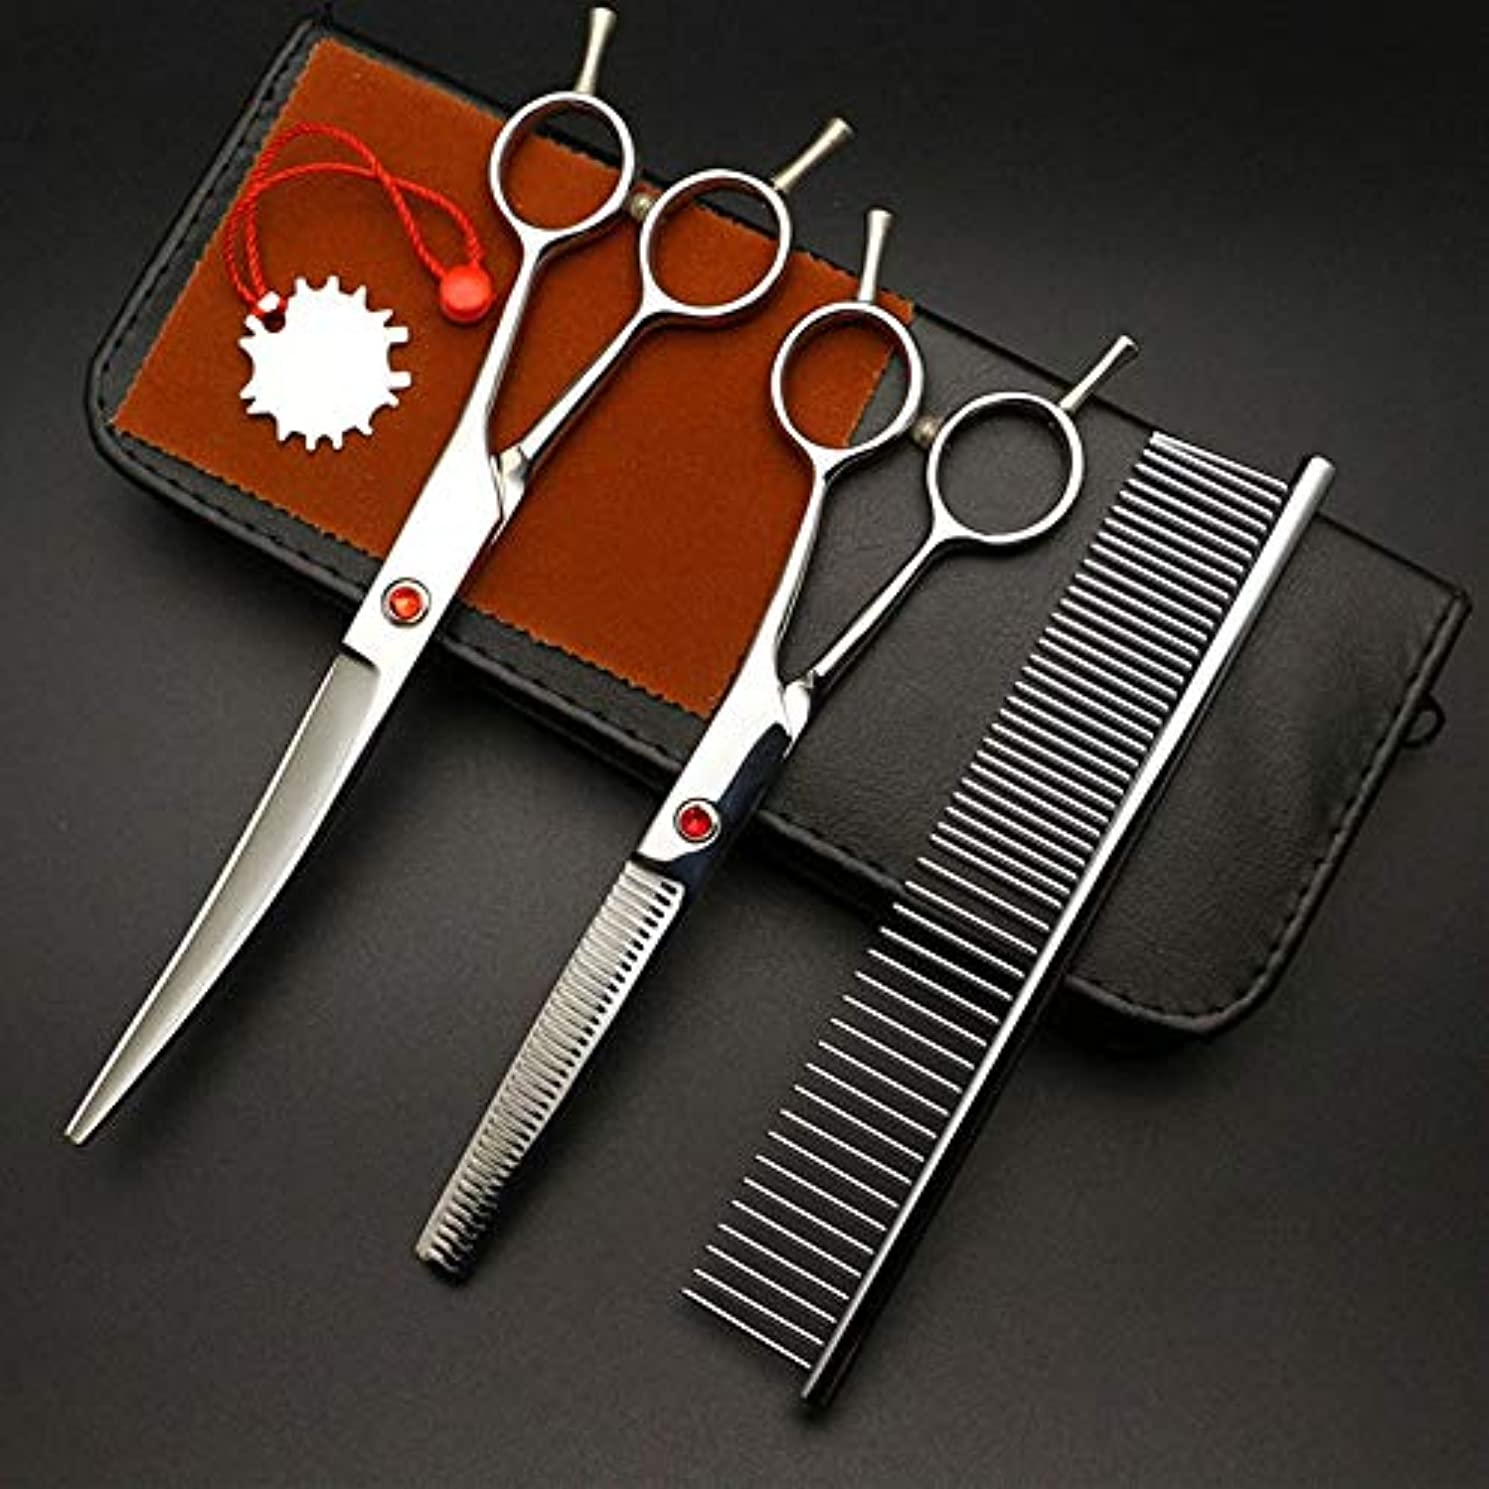 デッド抵抗指定する7インチペット用特殊美容院はさみはさみ、ヘアカットはさみ+フラットせん断セット モデリングツール (色 : Silver)